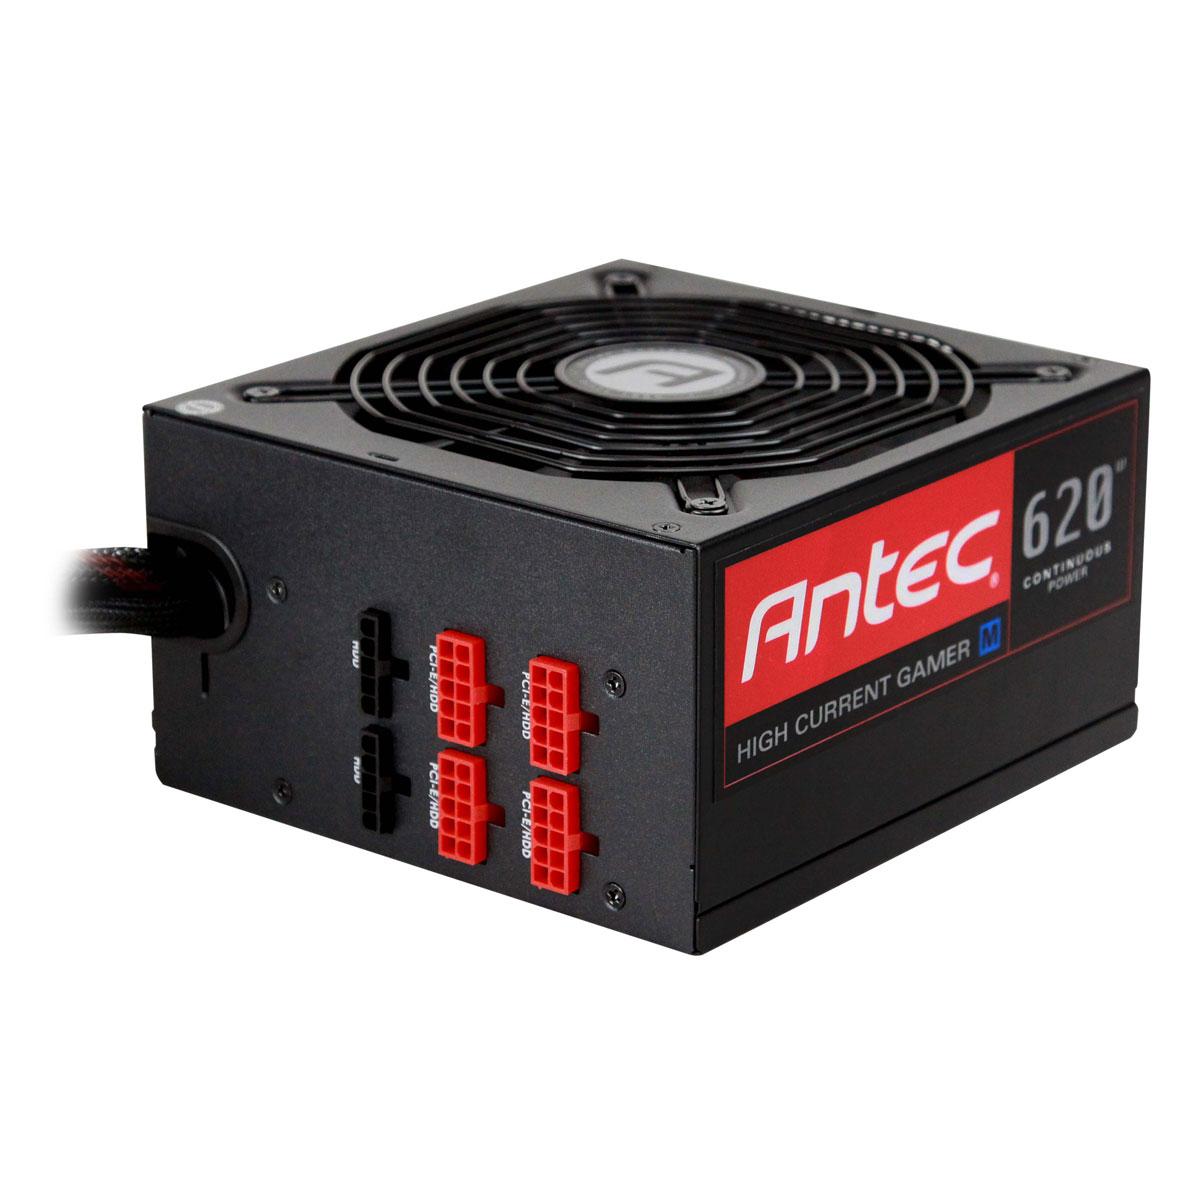 Alimentation PC Antec High Current Gamer 620M 80PLUS Bronze Alimentation modulaire 620 Watts ATX12V 2.3 80 PLUS Bronze (garantie 5 ans par Antec)